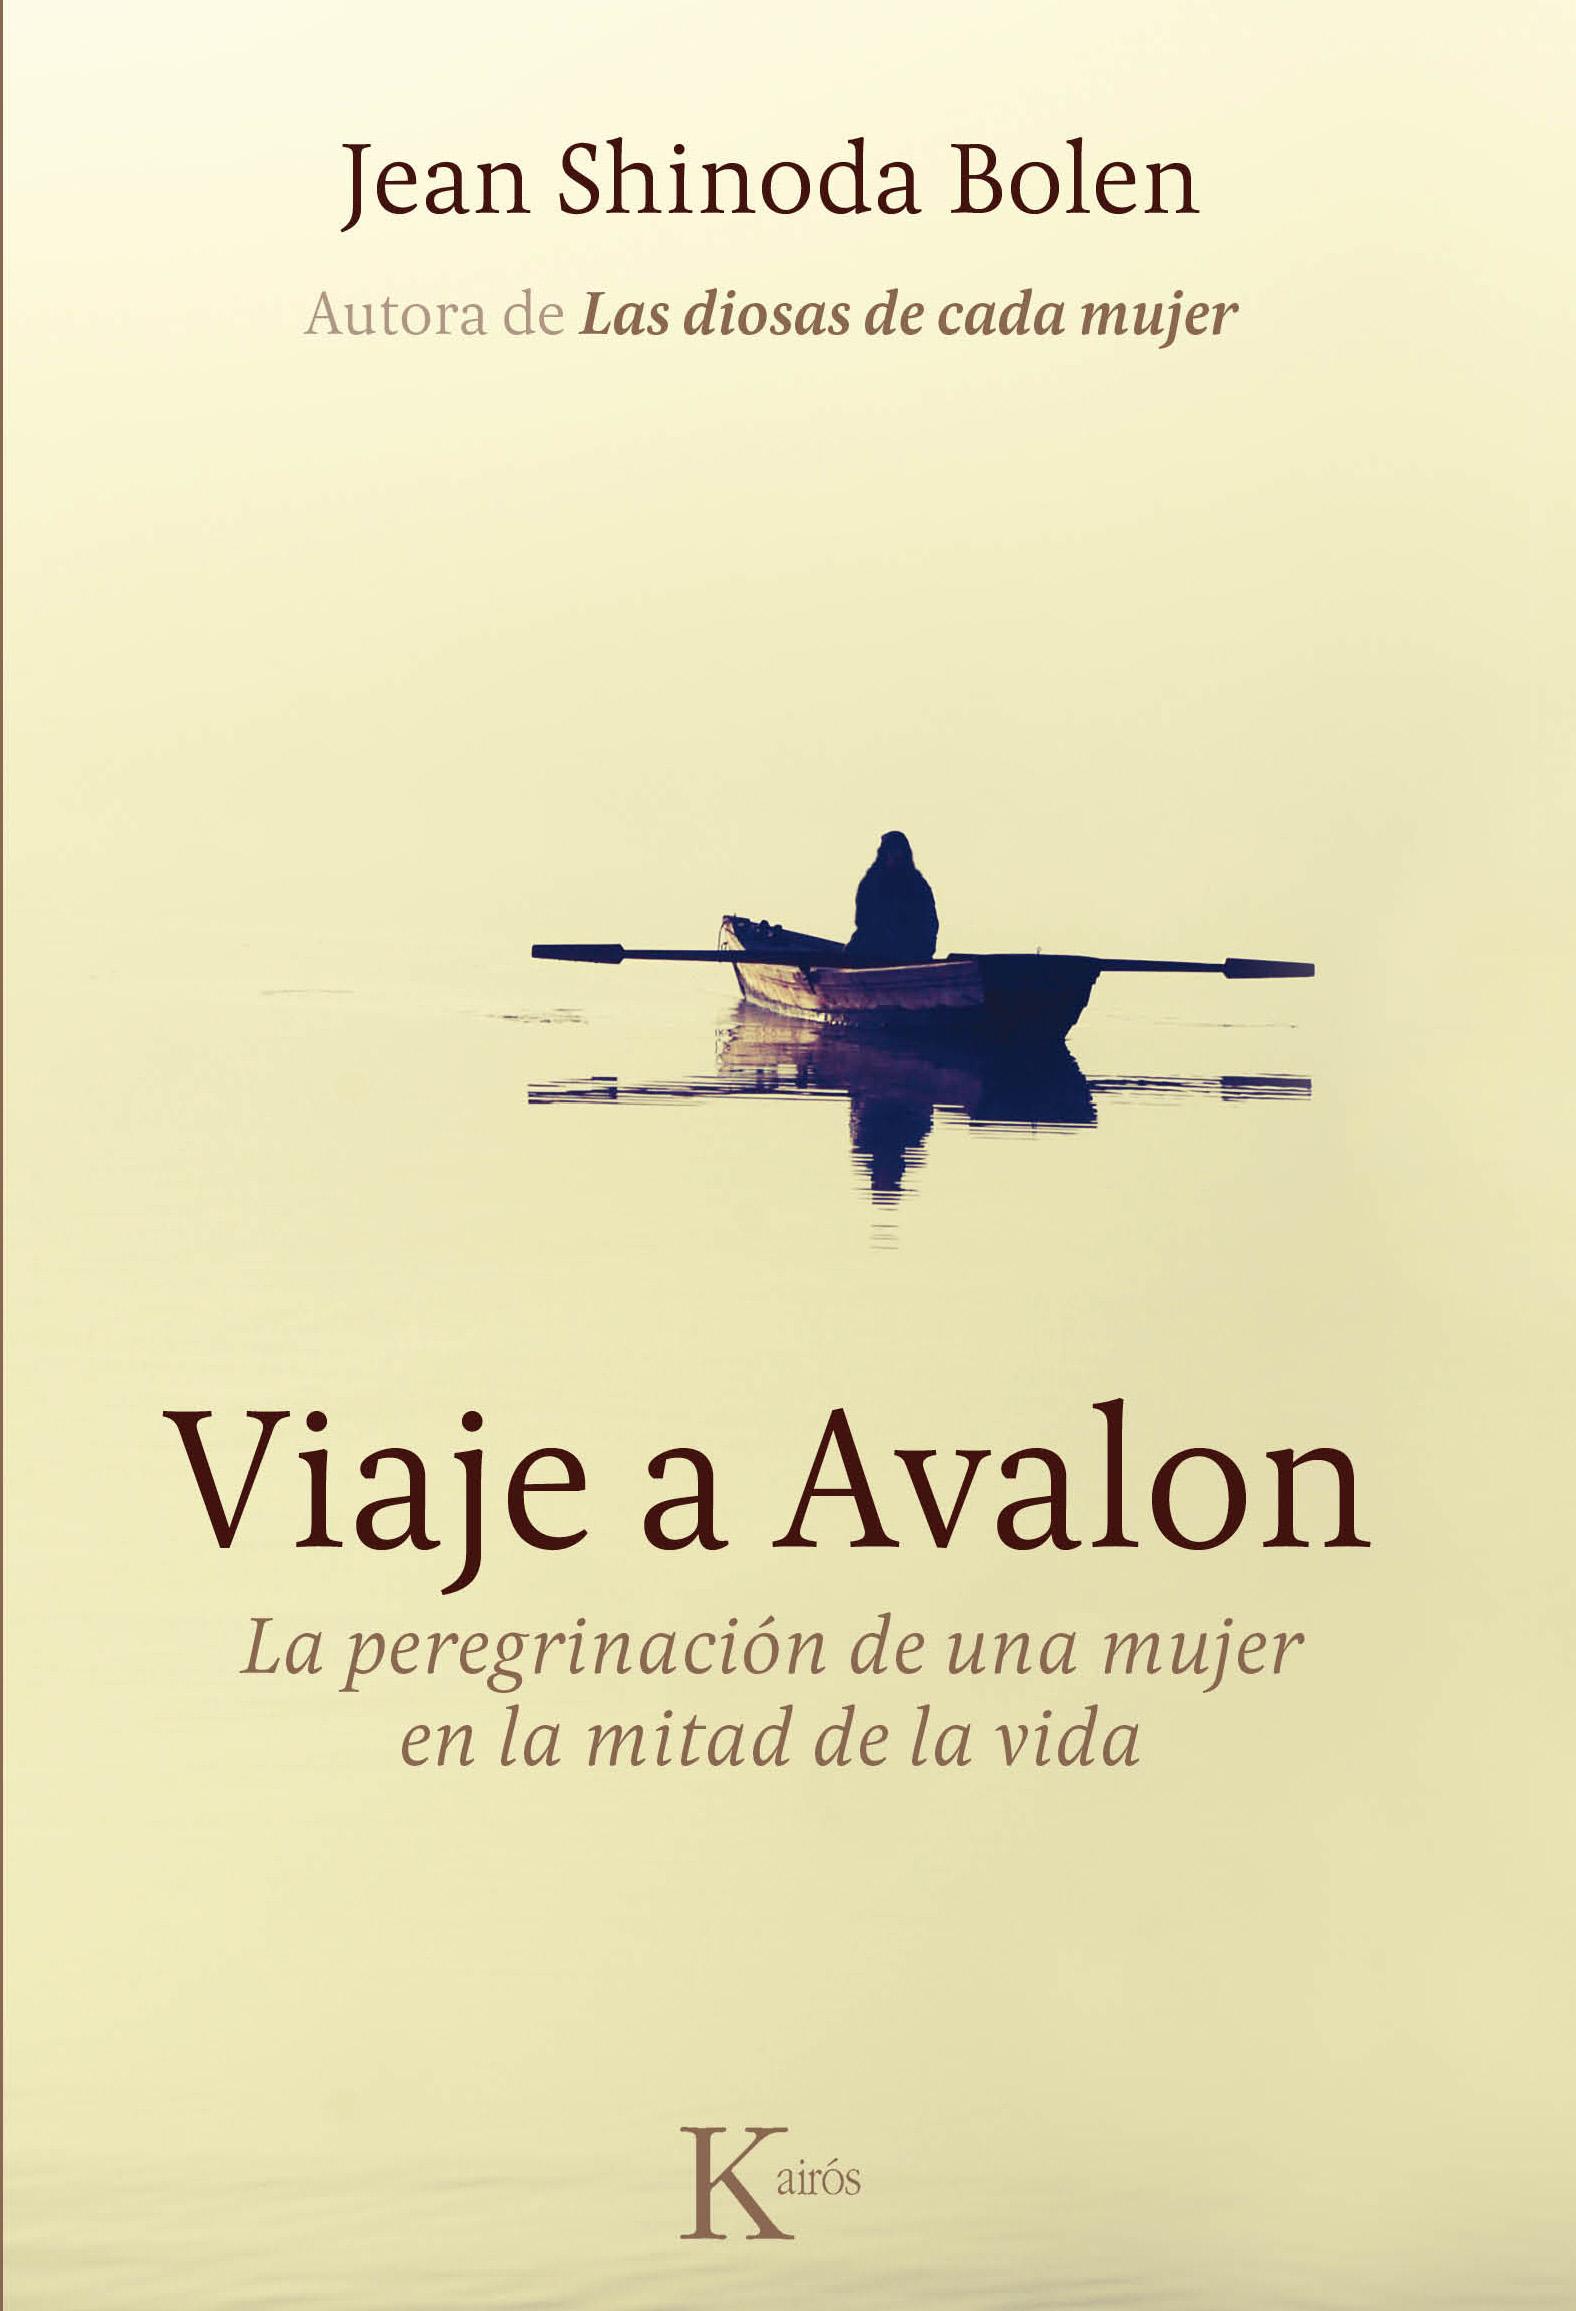 Viaje a Avalon